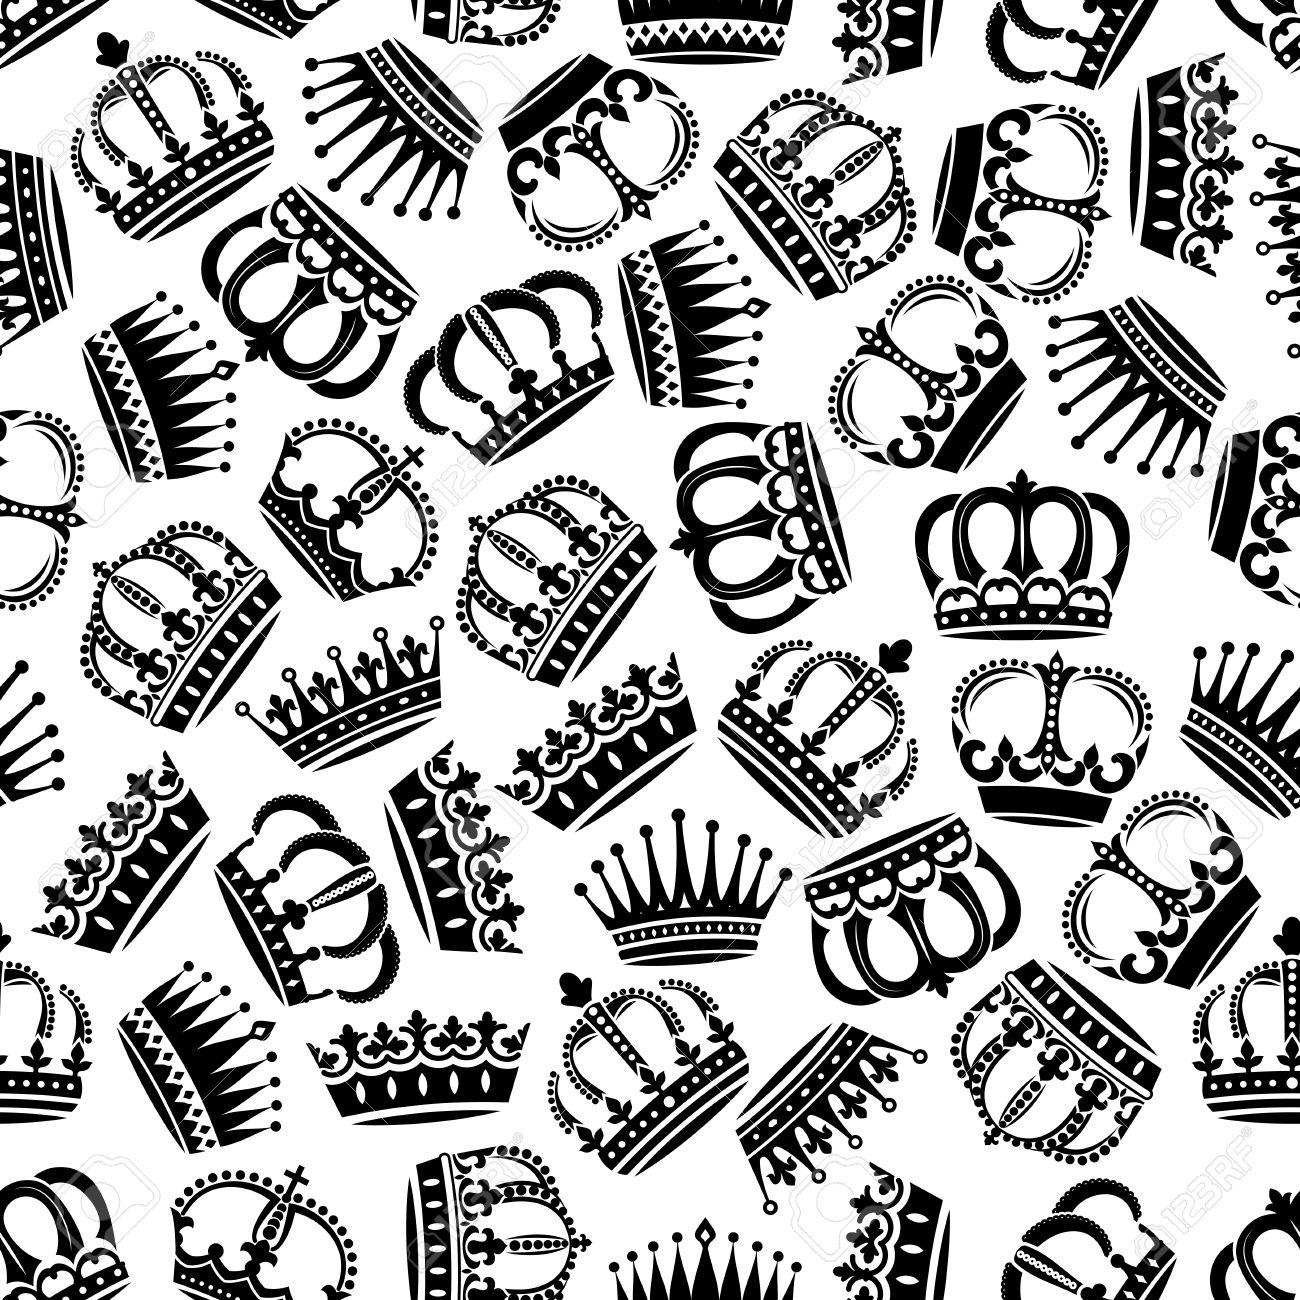 Medieval Coronas Victorian Sin Problemas De Fondo En Blanco Y Negro